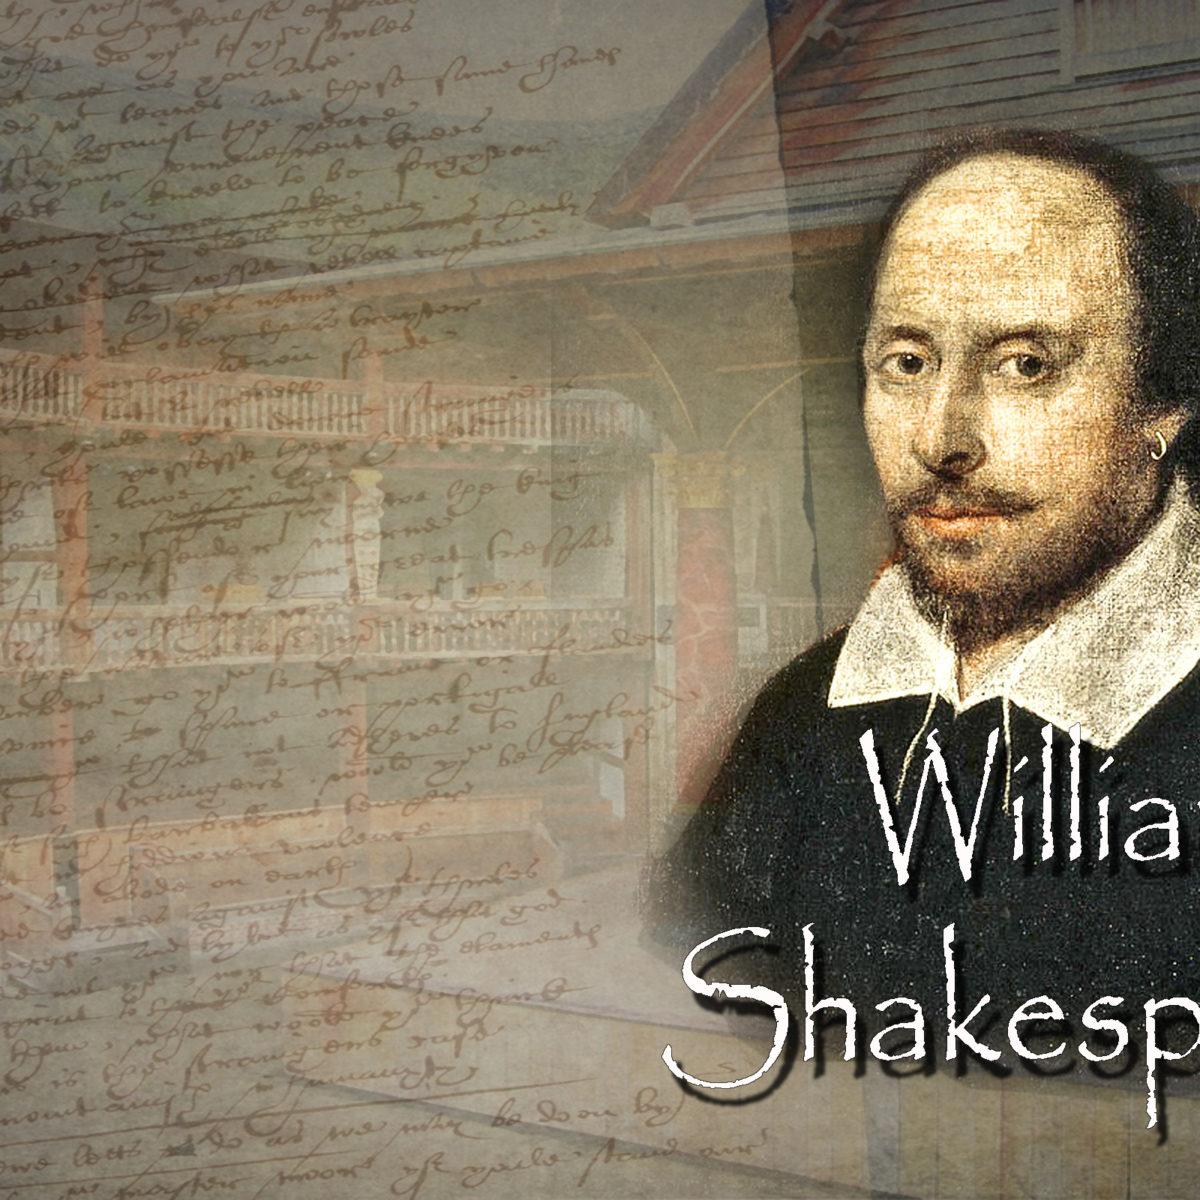 FAKULTET ZA FILM I SCENSKU UMJETNOST: Mate Maras: Dvanaestero nas i Shakespeare u CeKaTeu / 26. 4. / 20.00 / ulaz besplatan